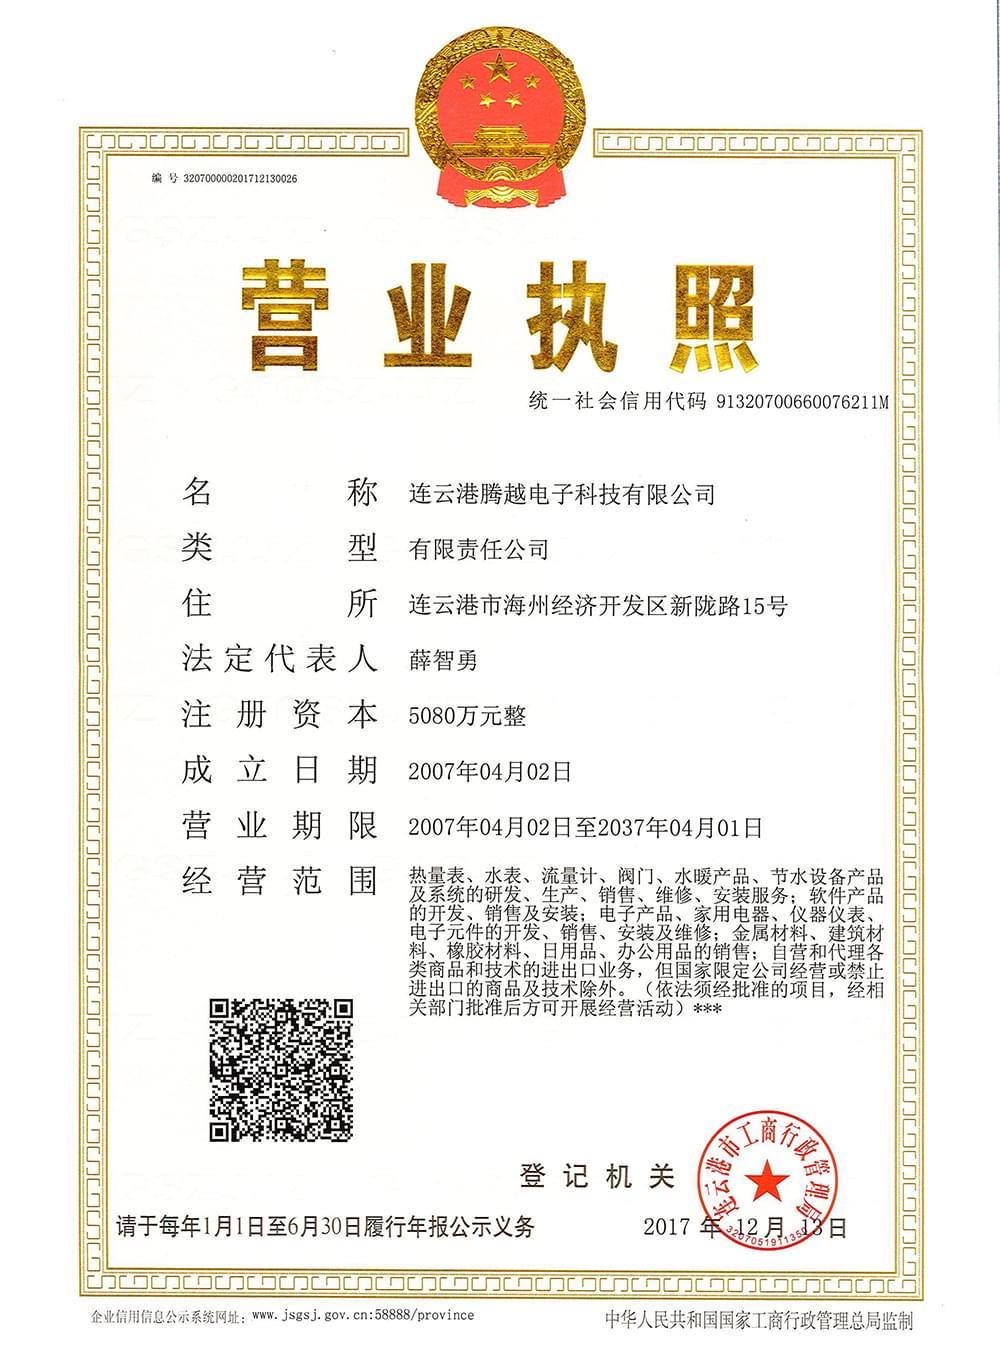 连云港腾越科技企业营业执照